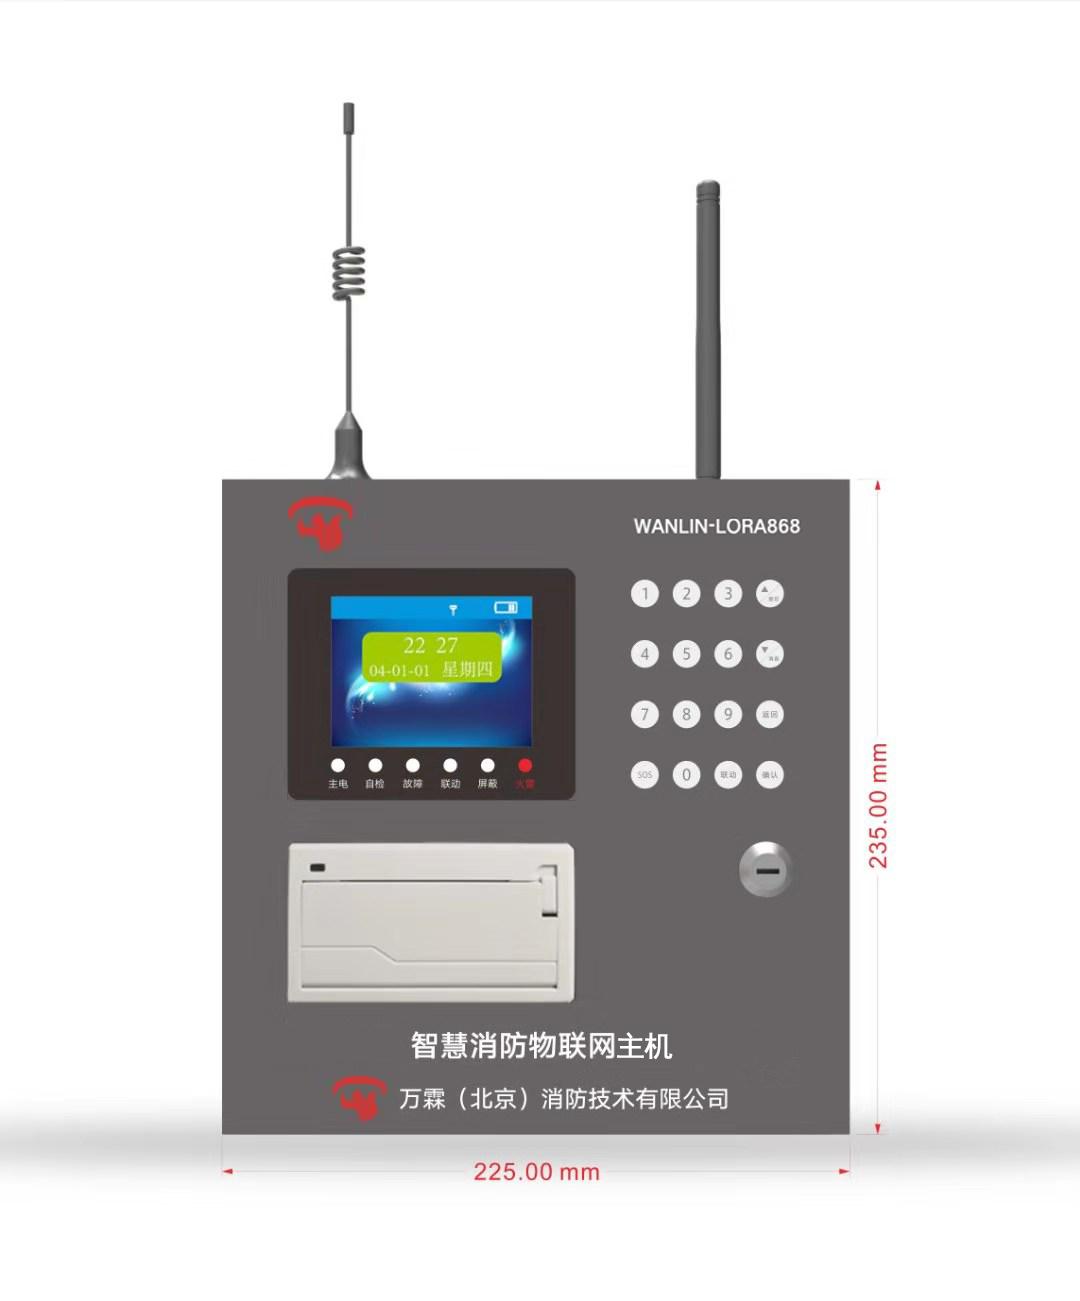 酒店智能无线防火系统 可联网版主机